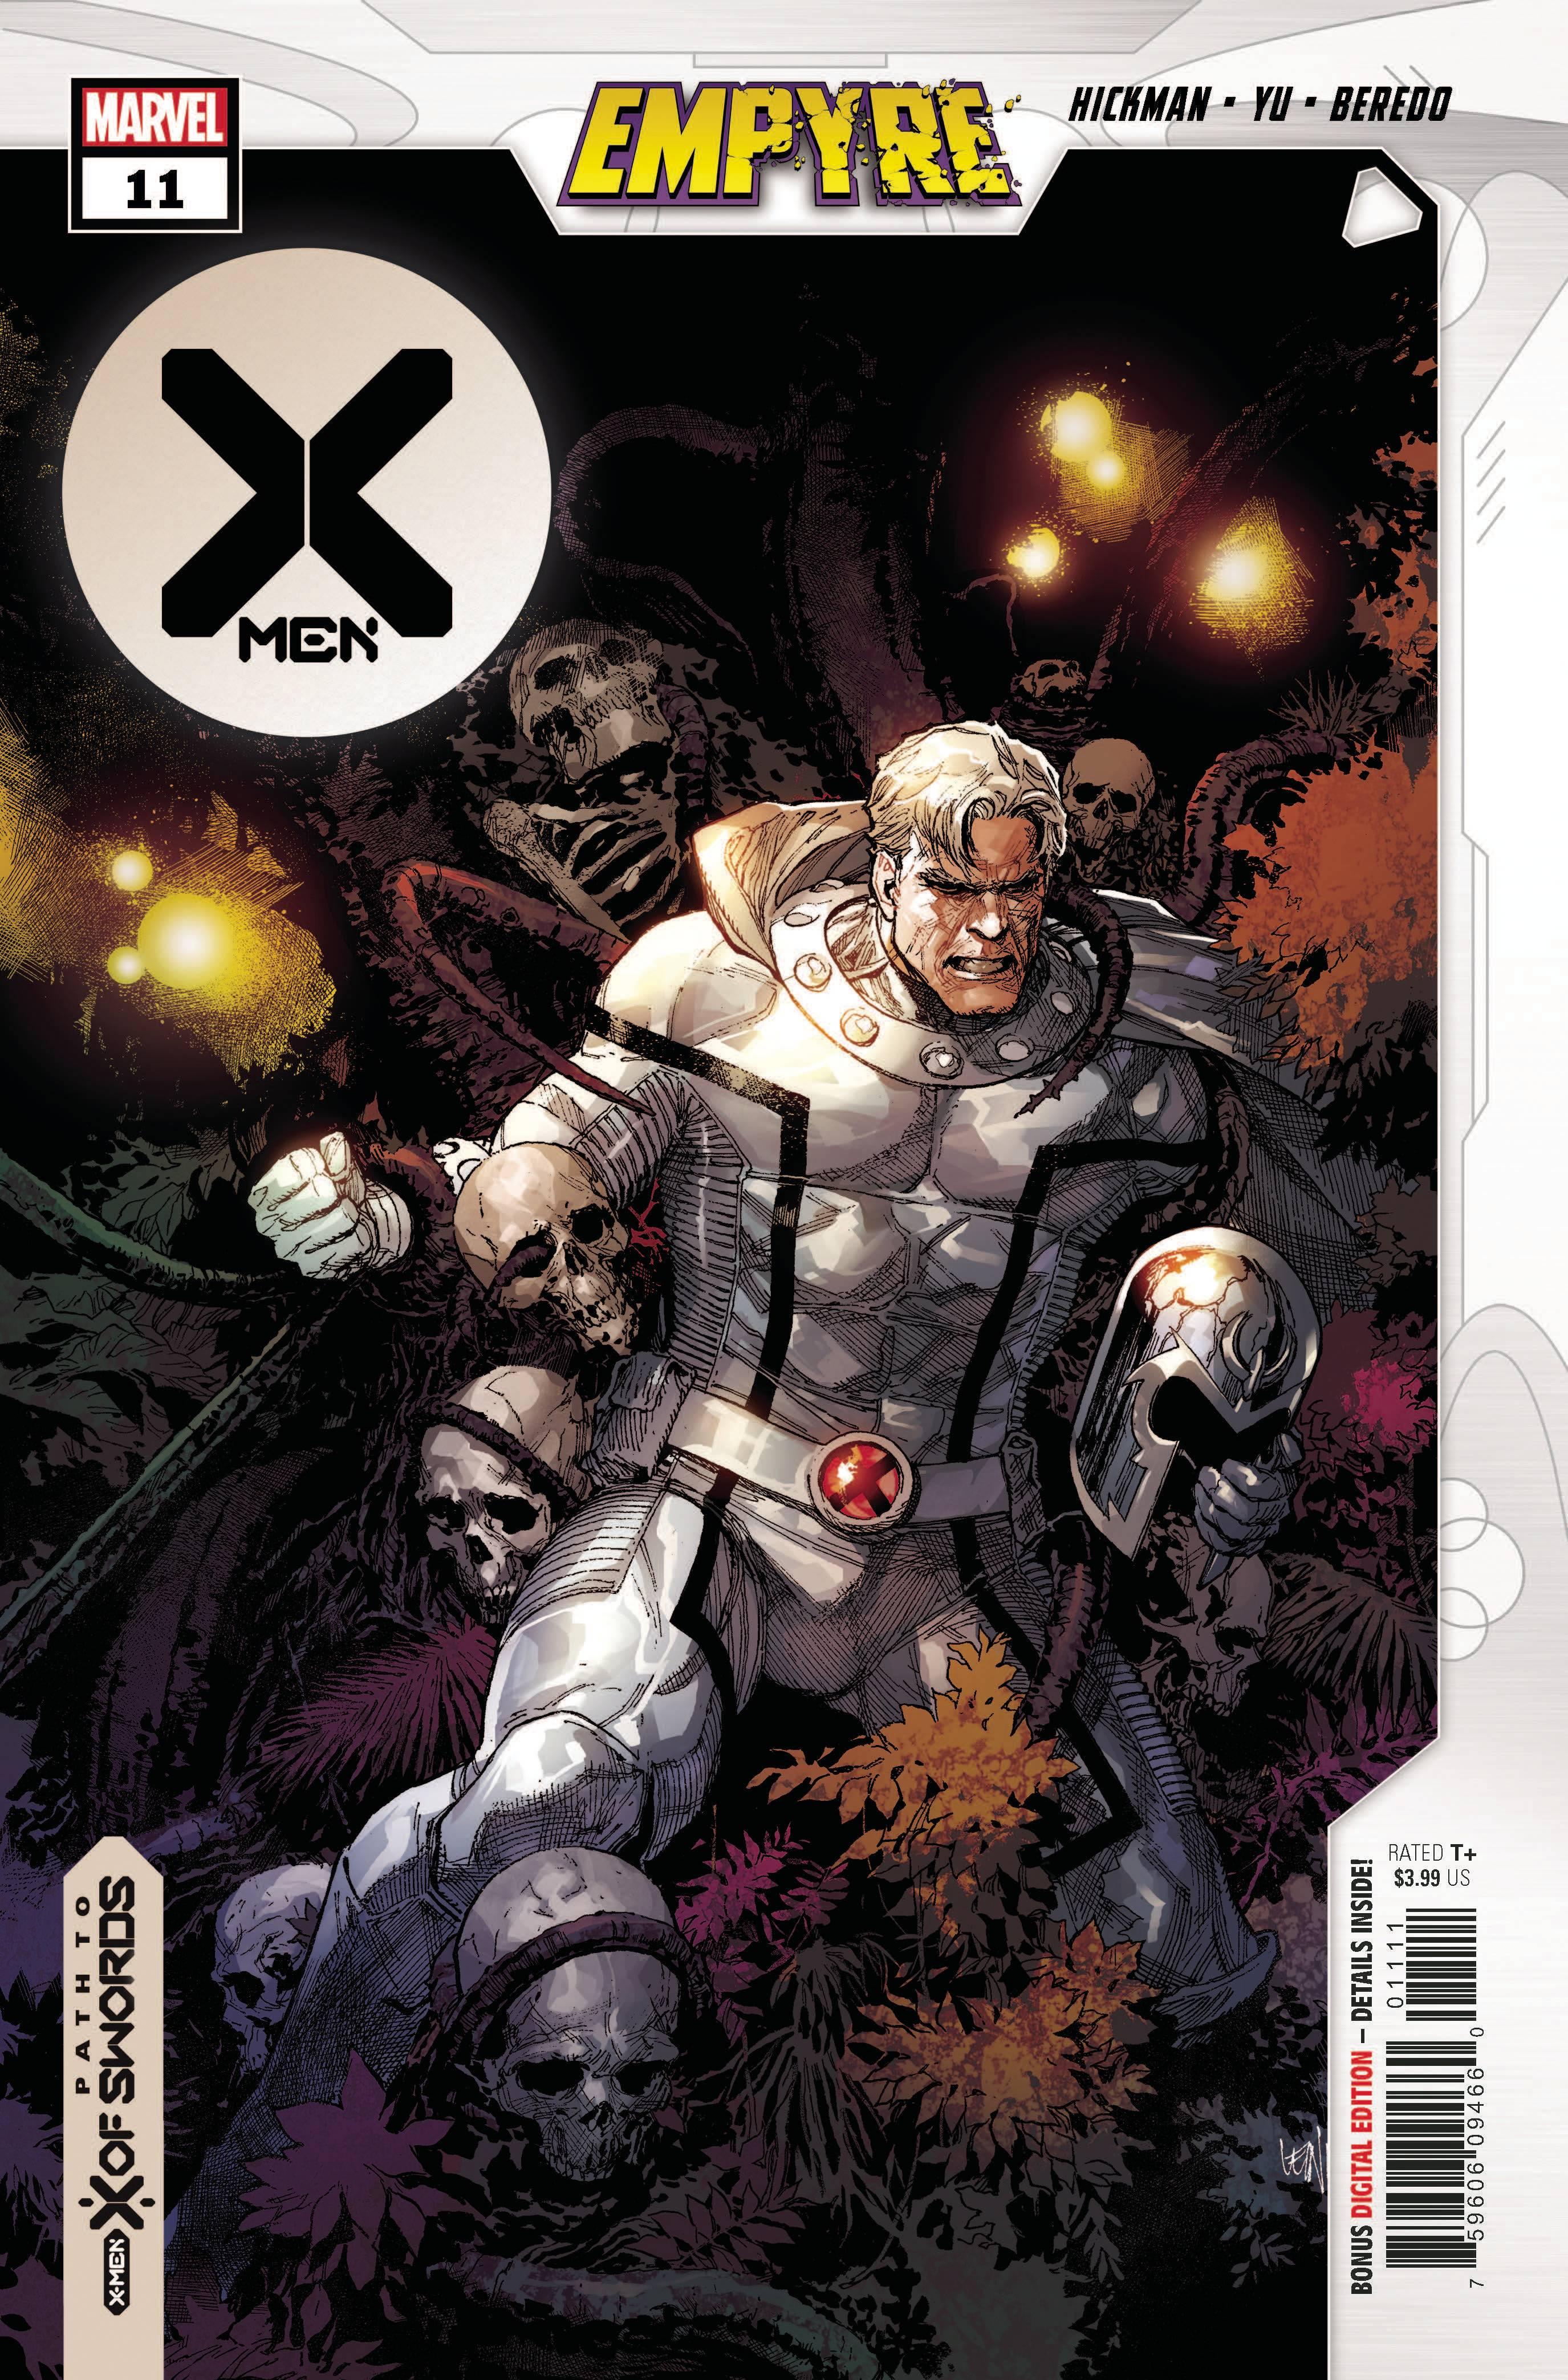 X-MEN #11 EMP